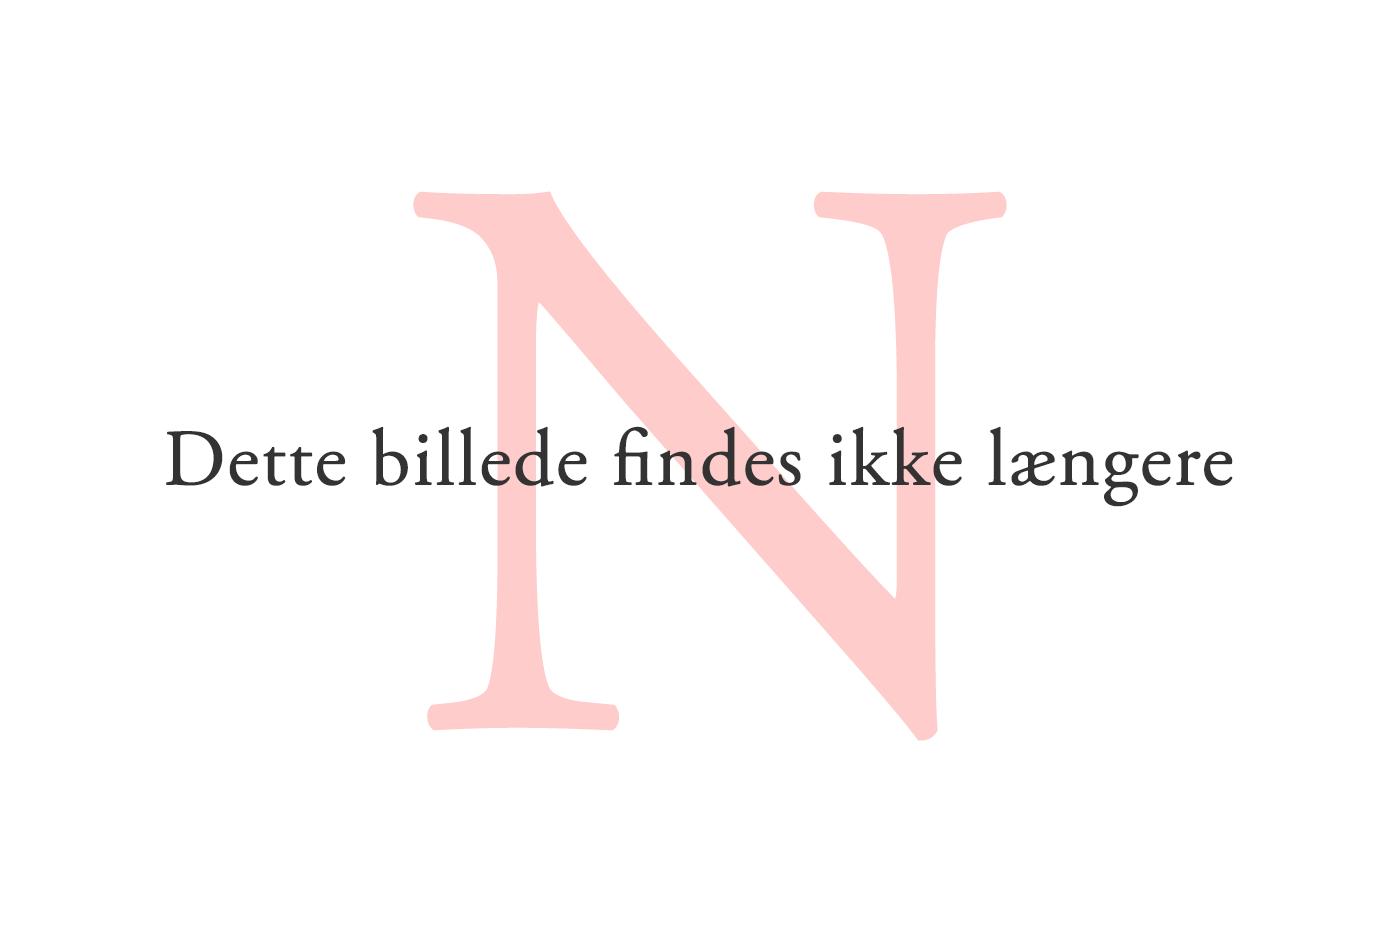 Københavnere er vilde med narko-magasin